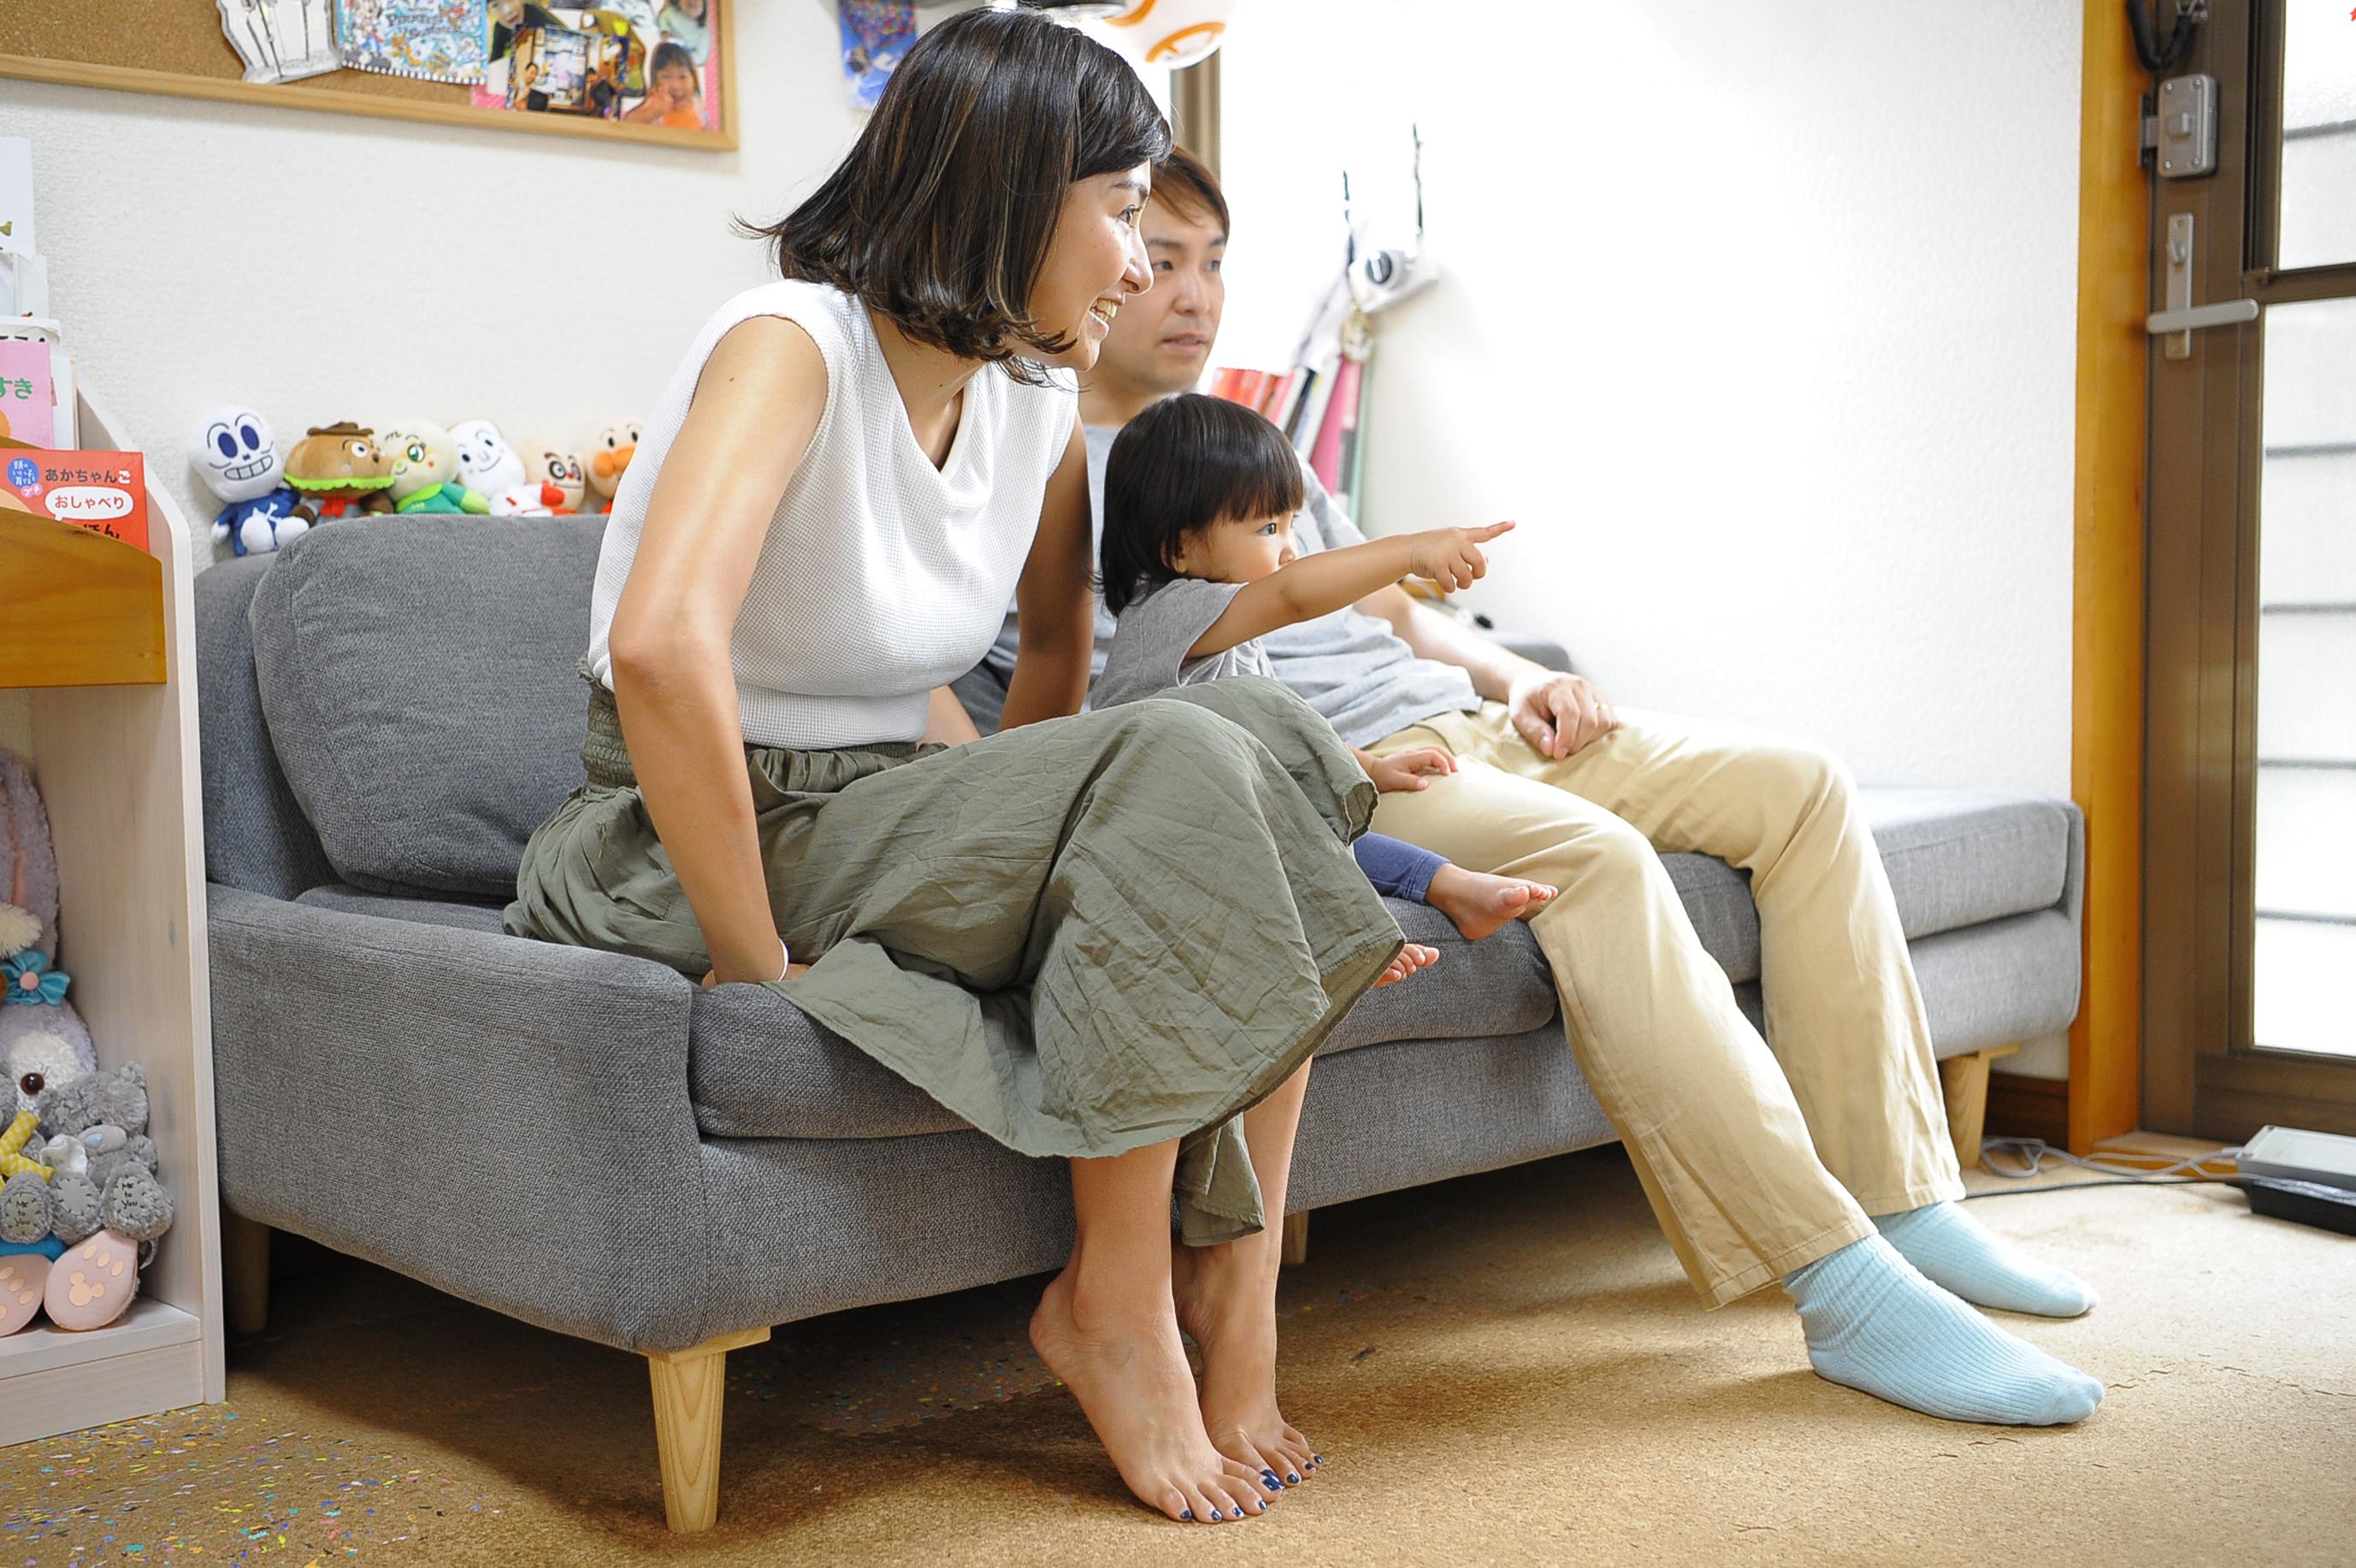 分け合う家族の時間